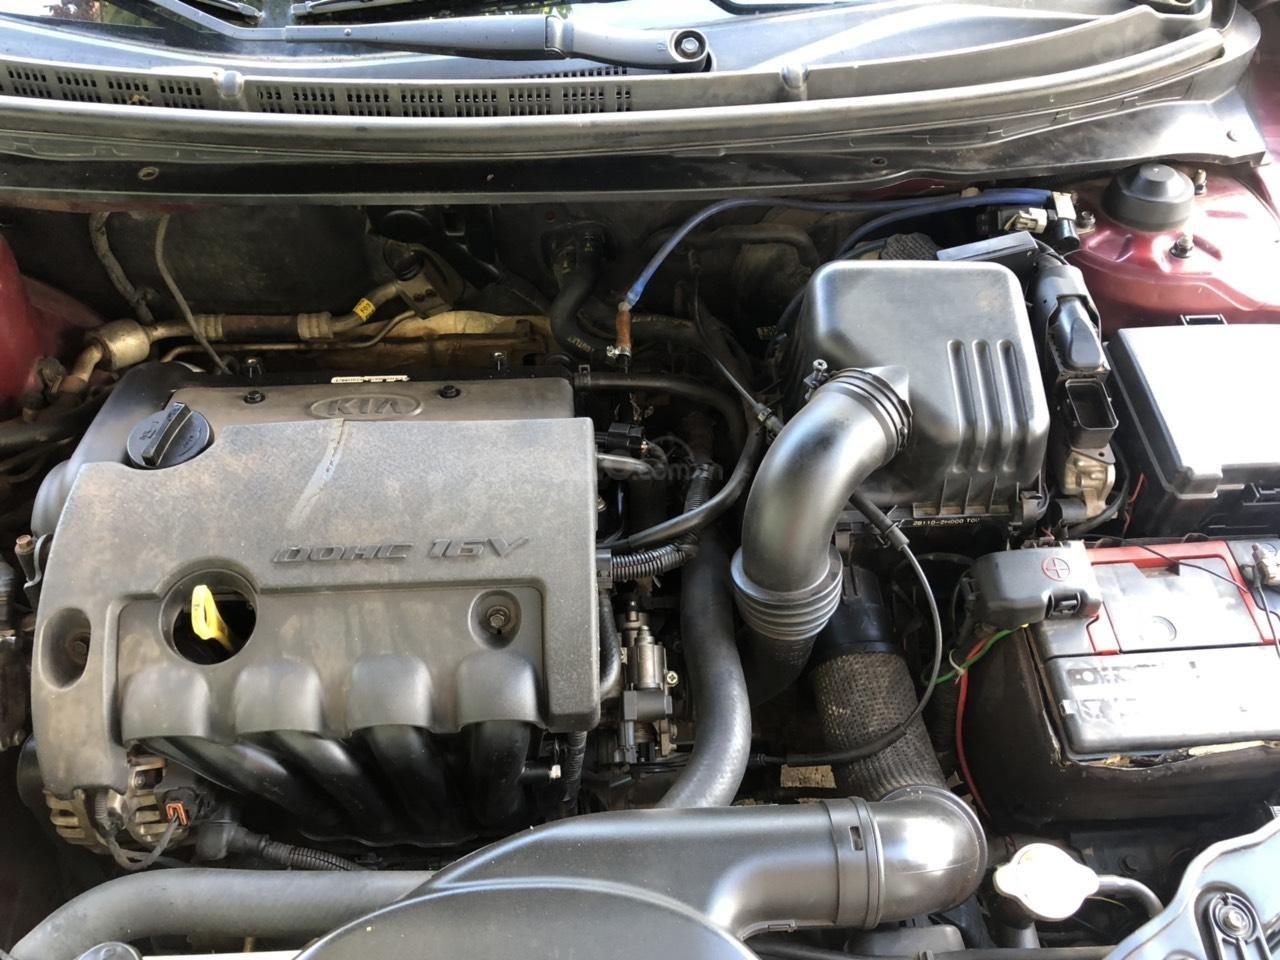 Cần bán Kia Forte sx 2010, xe full đồ chơi tầm 80tr, xe mình đi nên giữ gìn kĩ, xem xe thích ngay, LH: 0988644446 (8)